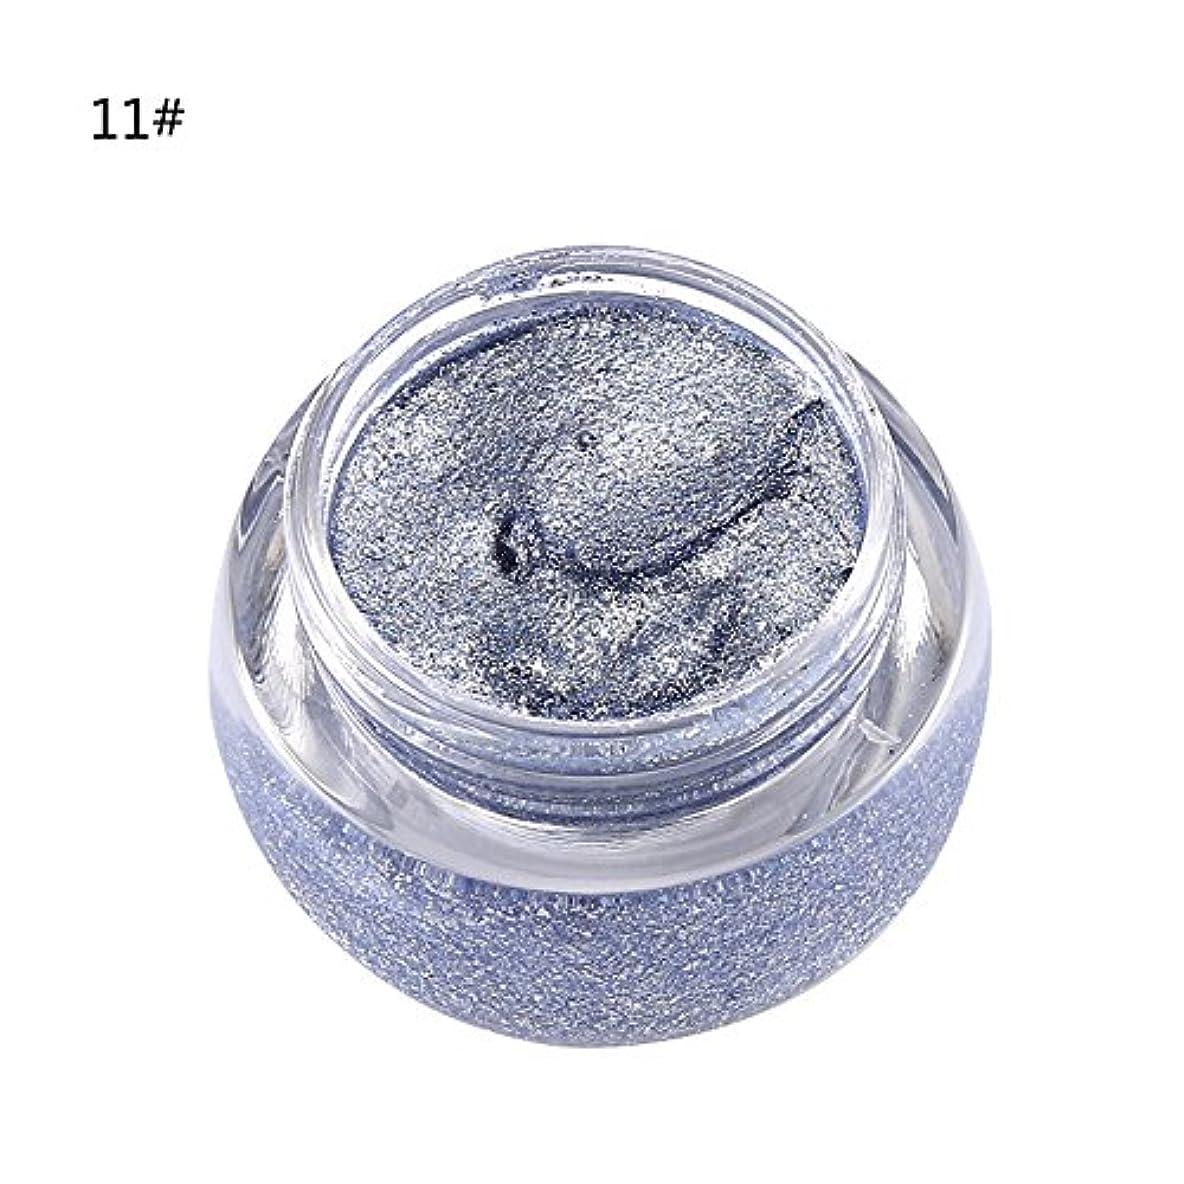 やさしくミニシャープアイシャドウ 単色 化粧品 光沢 保湿 キラキラ 美しい タイプ 11